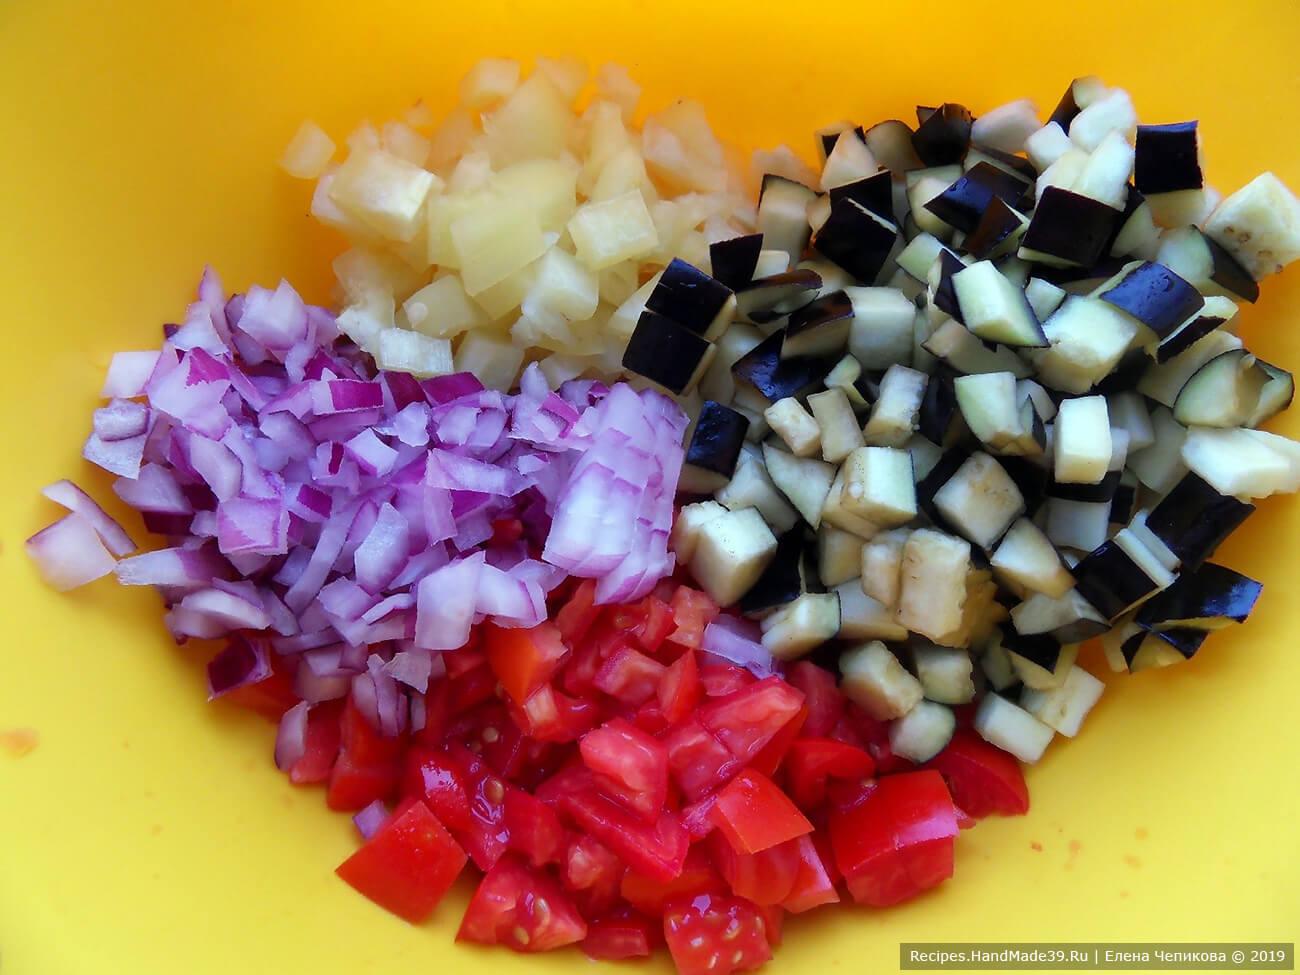 Все овощи нарезать кубиками. Можно по желанию добавить свежую зелень. Соединить и перемешать